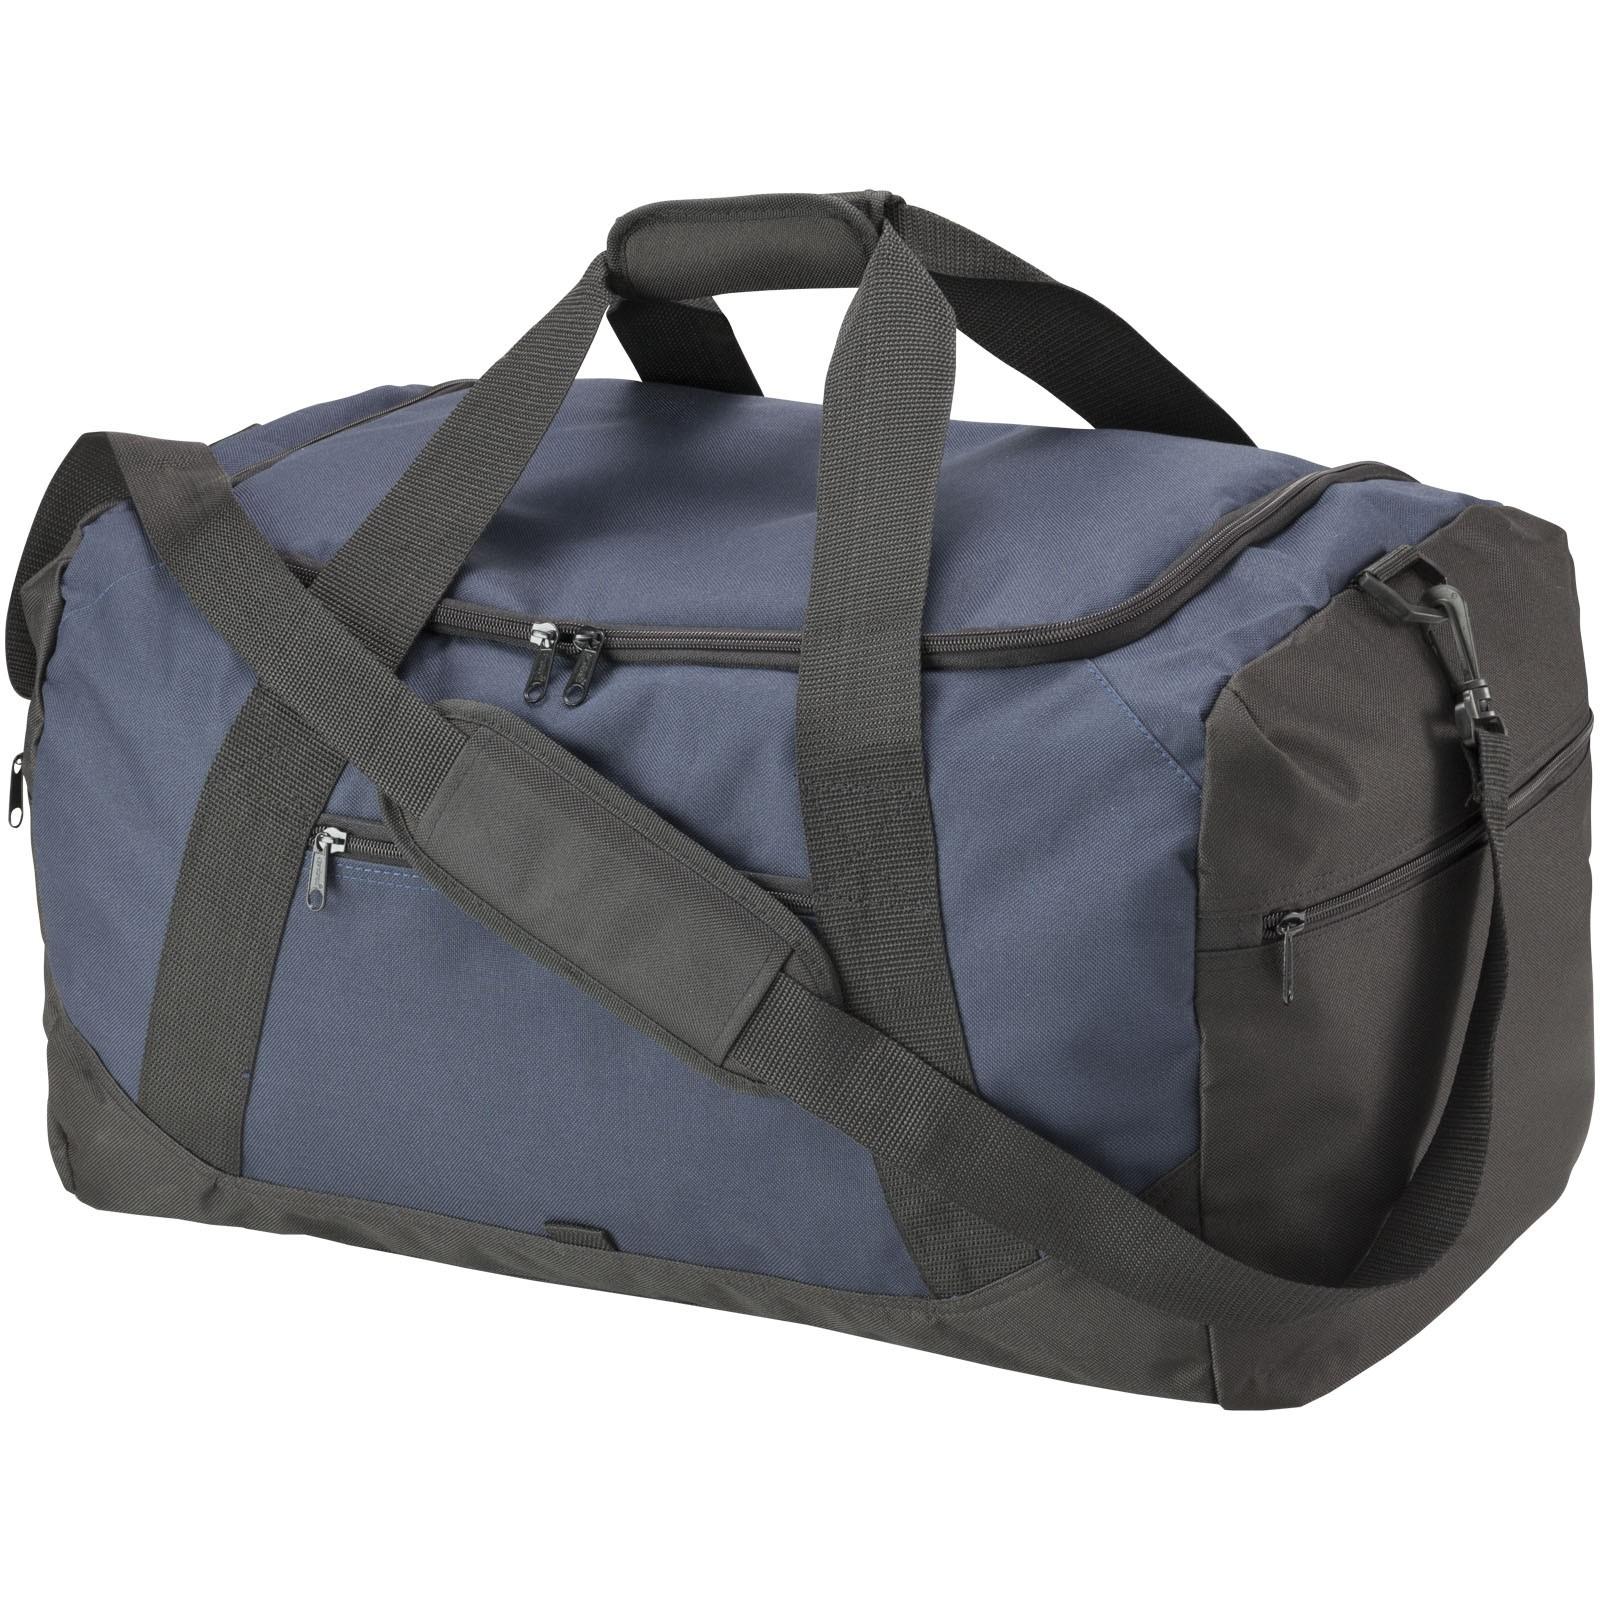 Cestovní taška Columbia - Navy / Černá